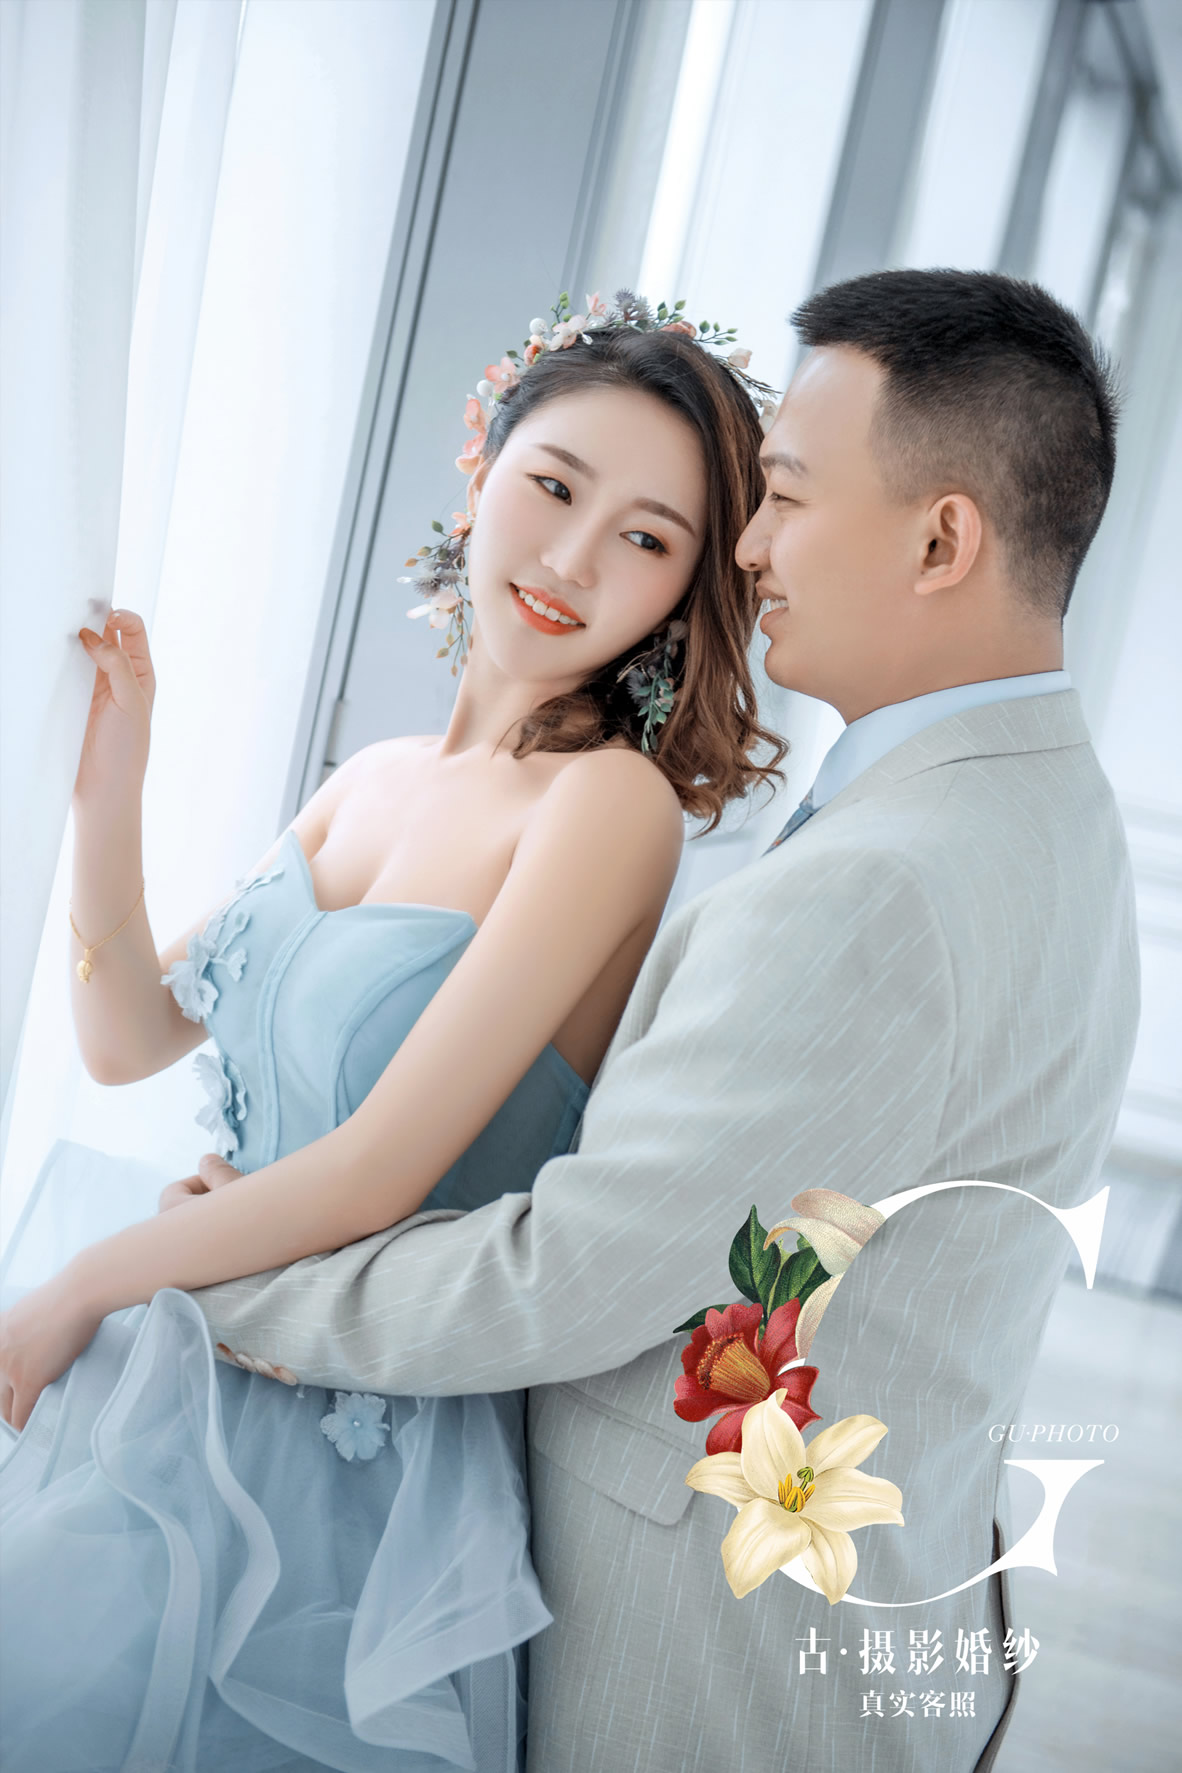 5月26日客片李先生 权小姐 - 每日客照 - 古摄影婚纱艺术-古摄影成都婚纱摄影艺术摄影网